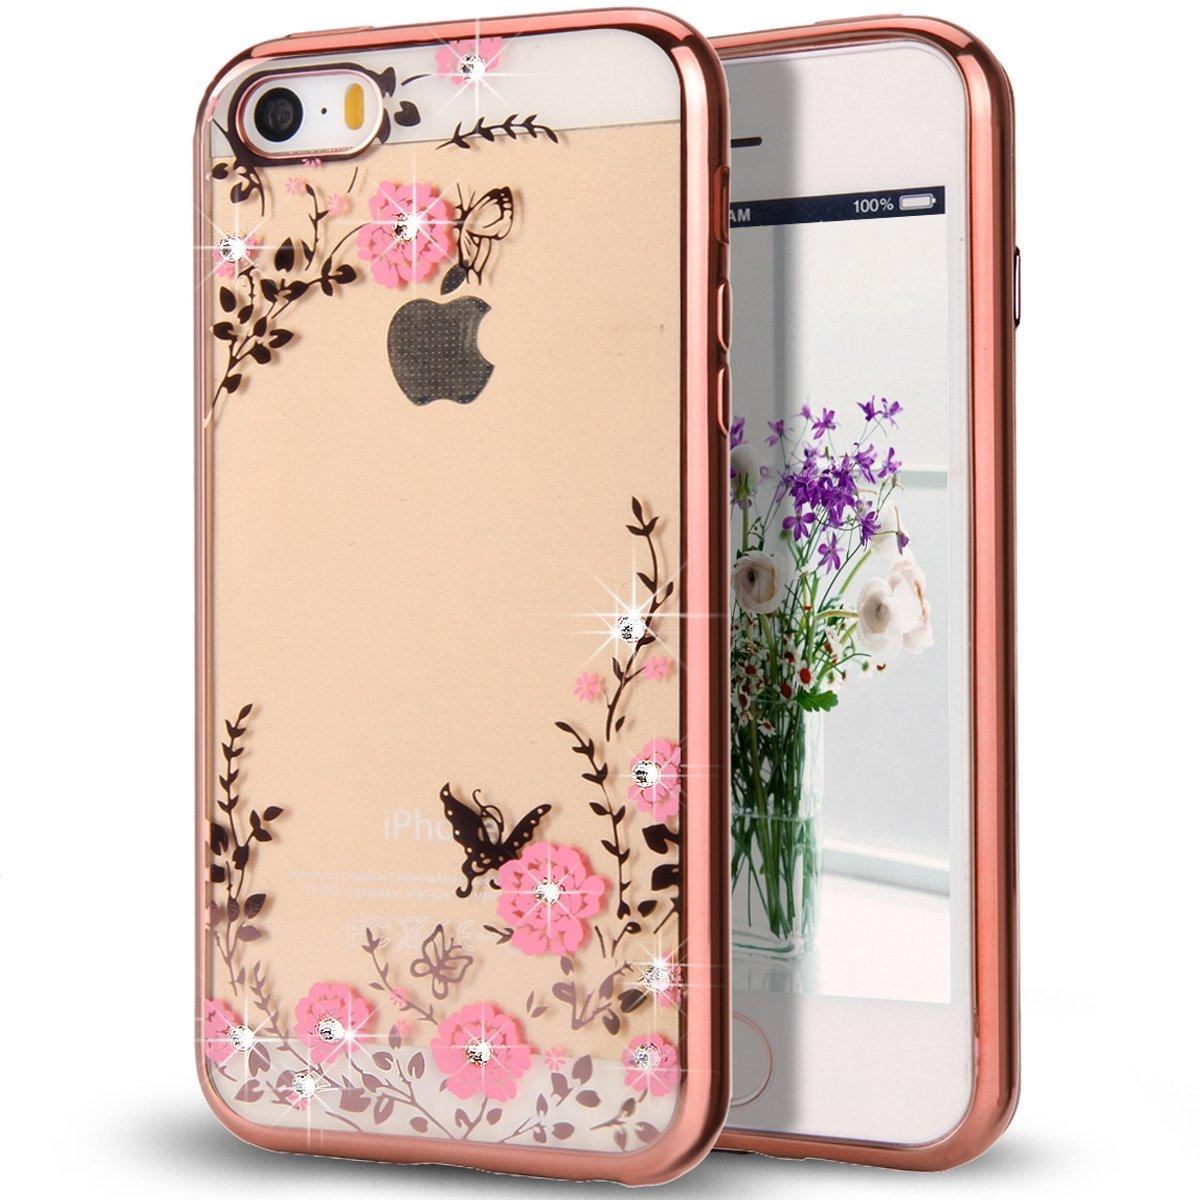 Pouzdro Forcell DIAMOND iPhone 5 5S SE rose zlaté 0fcdc5a1f22